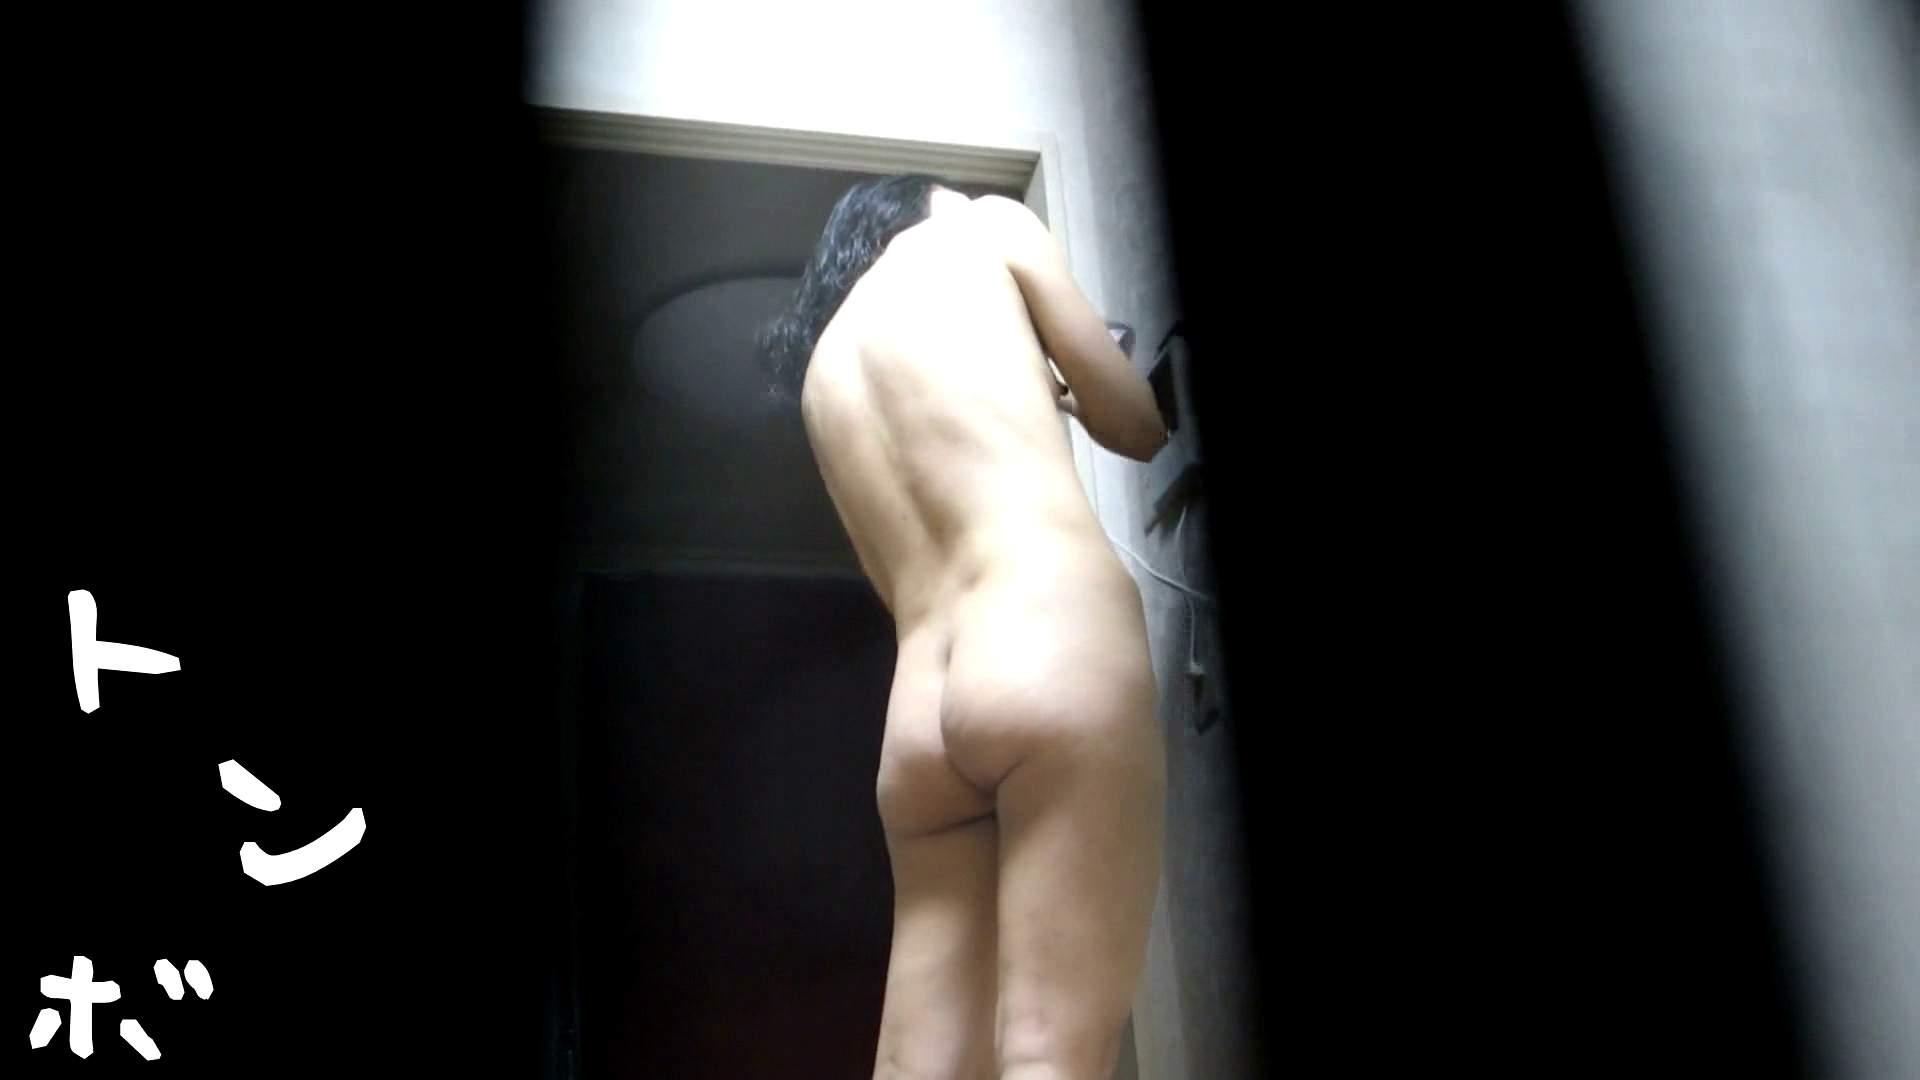 リアル盗撮 美人OLの私生活 美女 盗撮オマンコ無修正動画無料 55pic 34